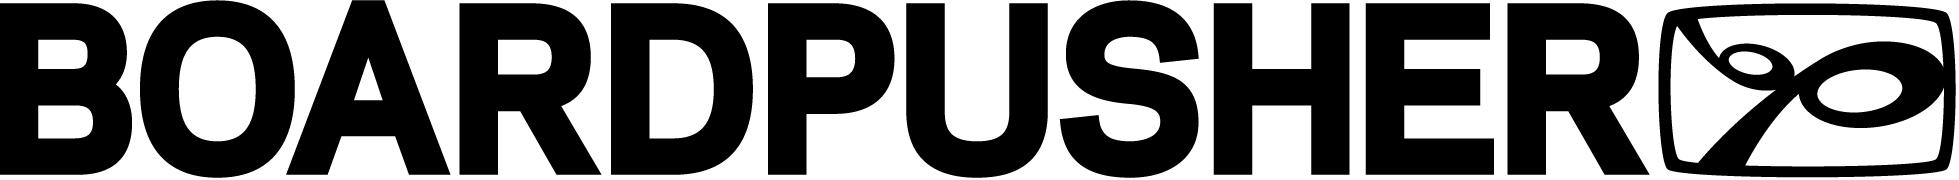 boardpusher_full_logo_black.jpg